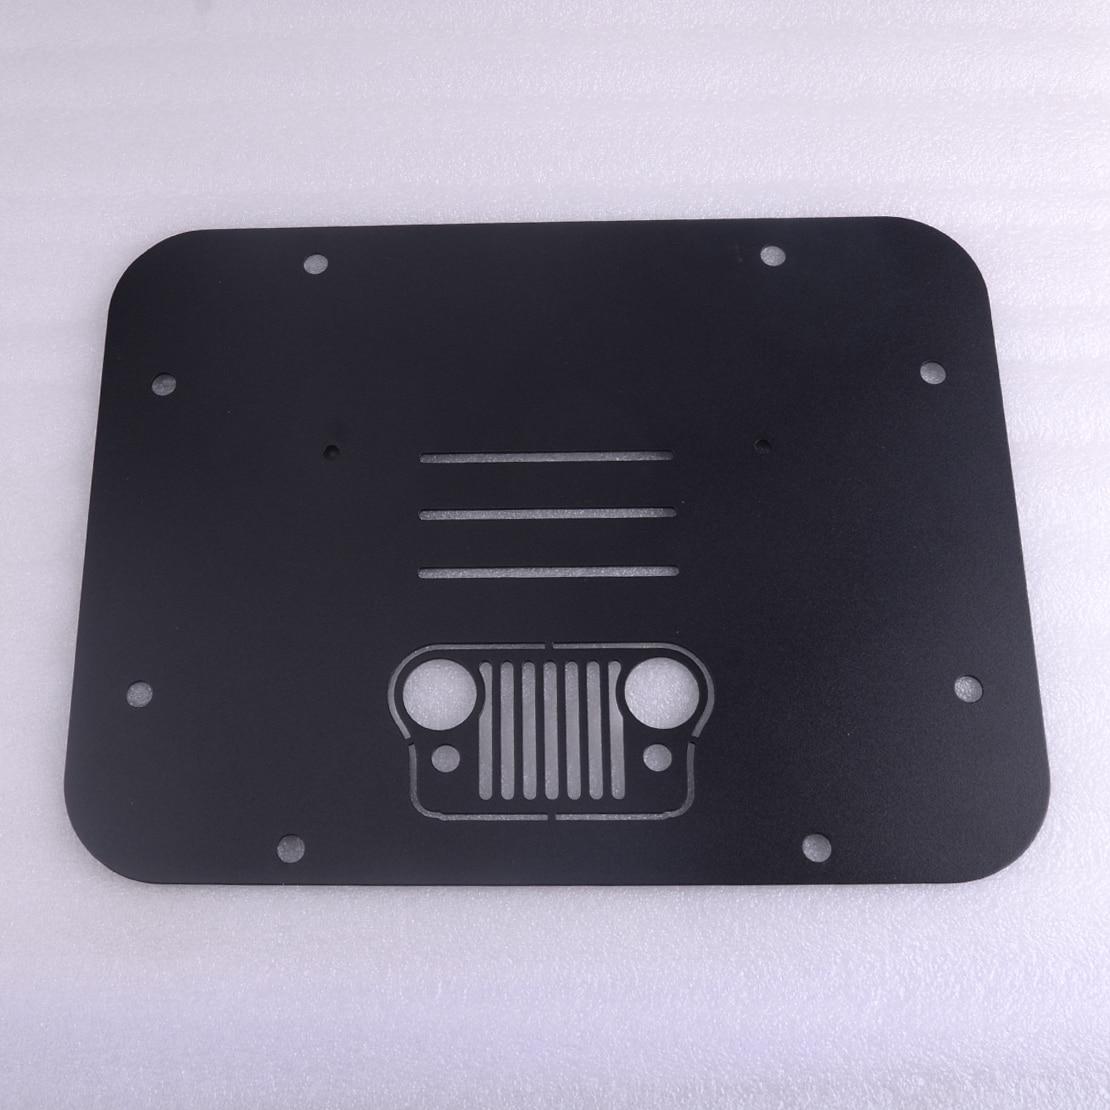 CITALL voiture noire Auto de rechange pneu transporteur supprimer plaque de remplissage Tramp timbre en acier adapté pour Jeep Wrangler JK JKU 2007 2018